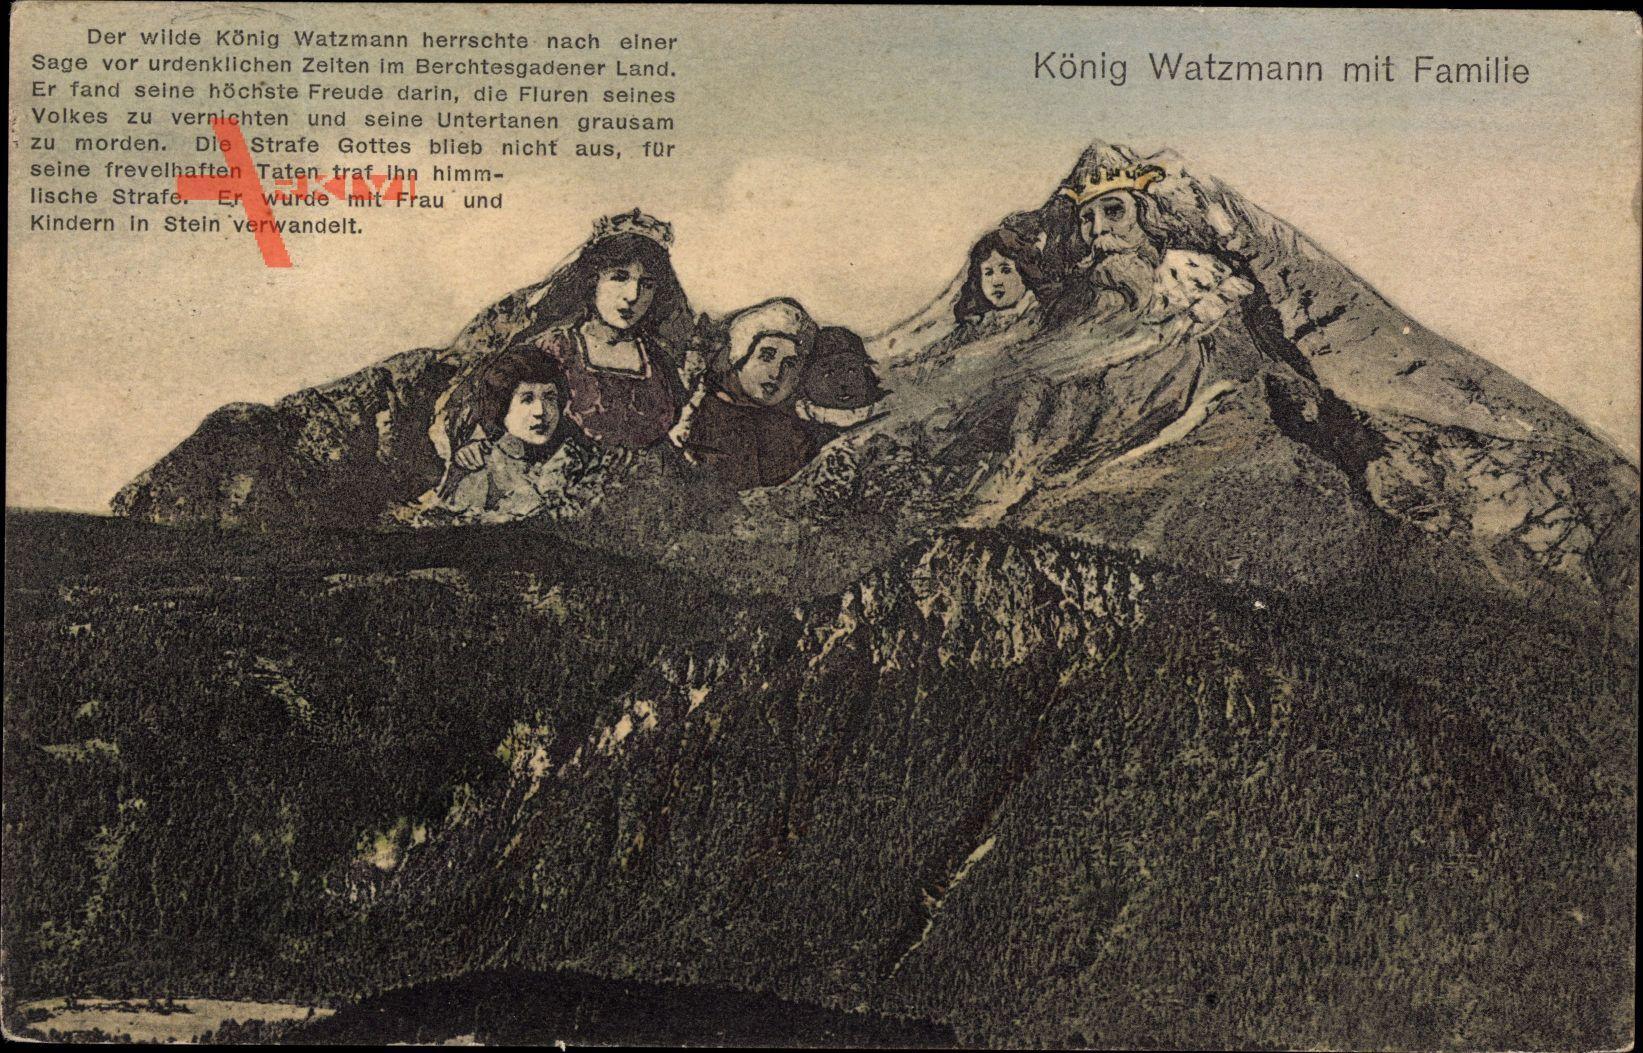 König Watzmann mit Familie, Berggesichter, Sagen